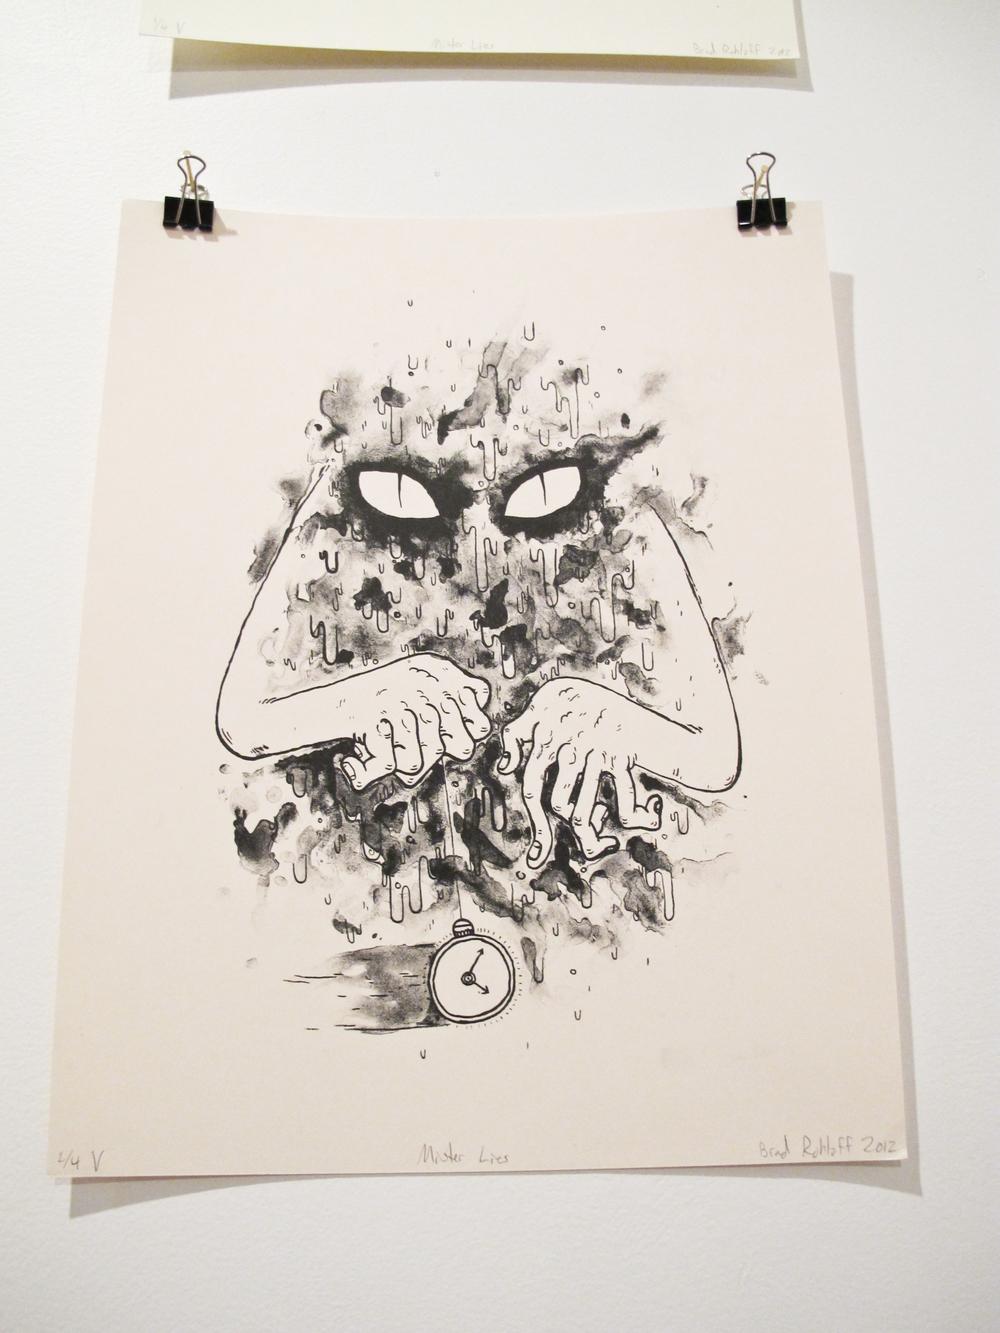 Art by Brad Rohloff